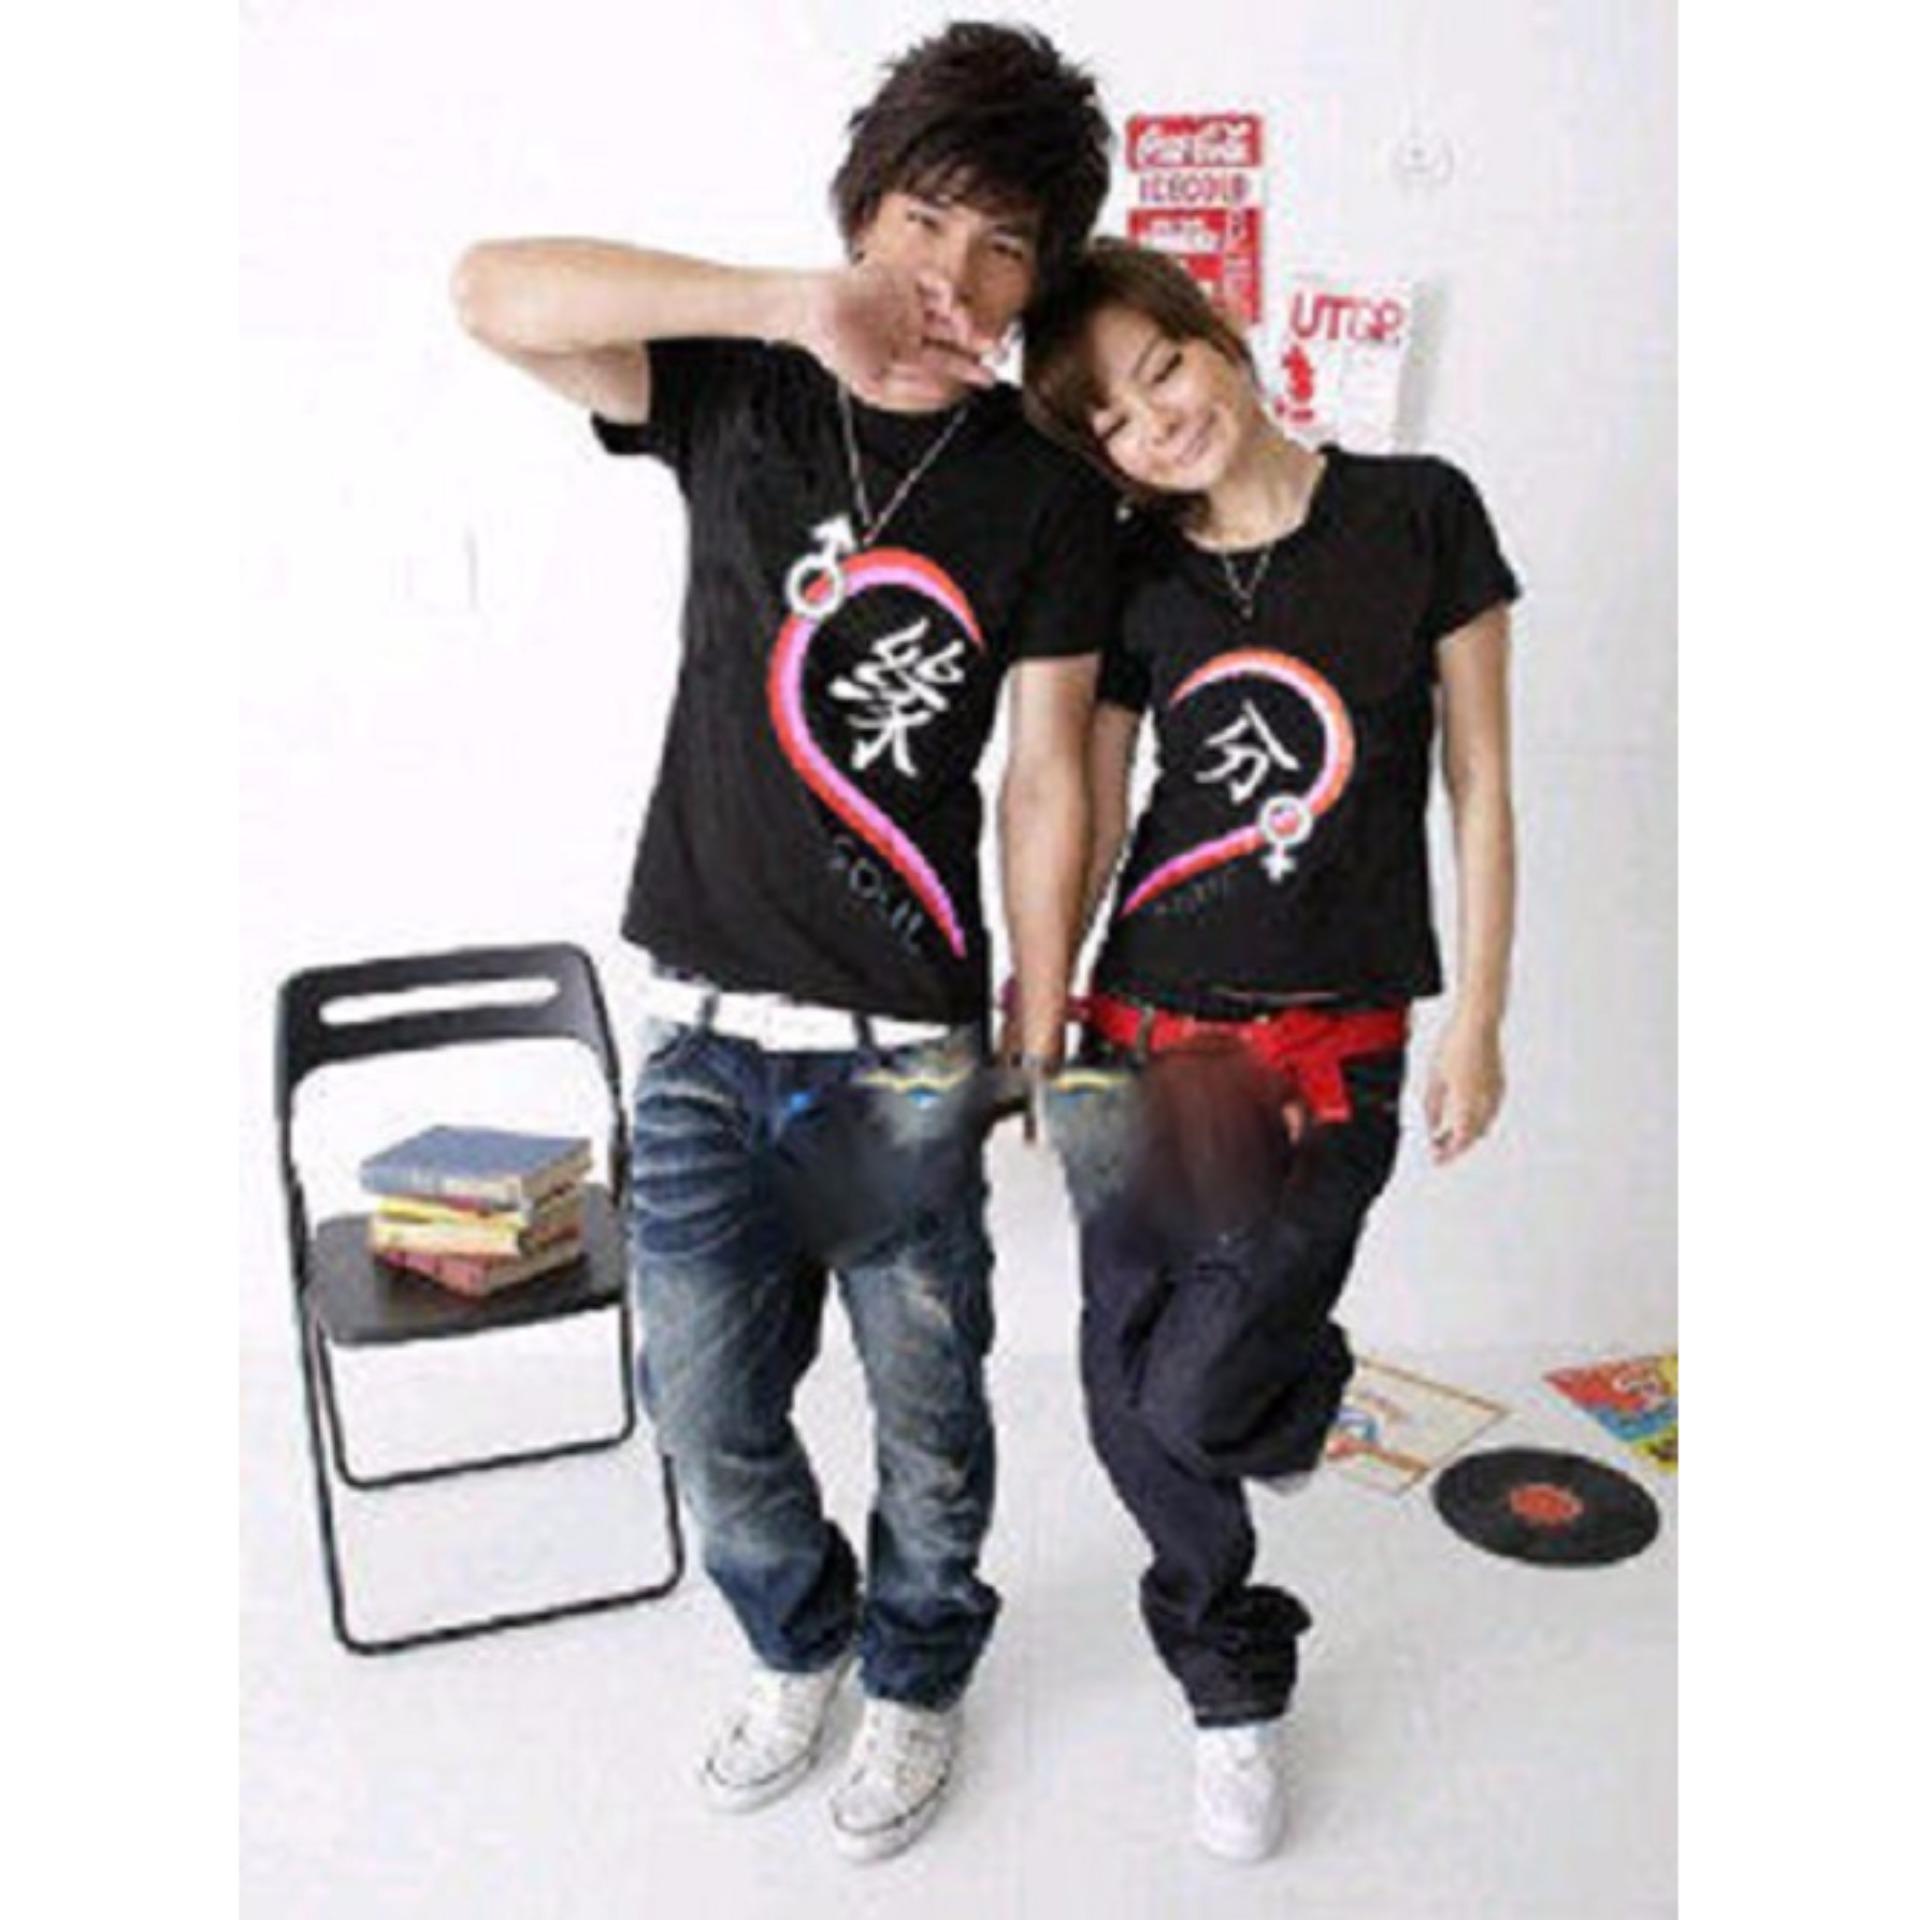 Pusat Pakaian Baju Couple - Kaos Kapel Kembar - SM Love Hitam